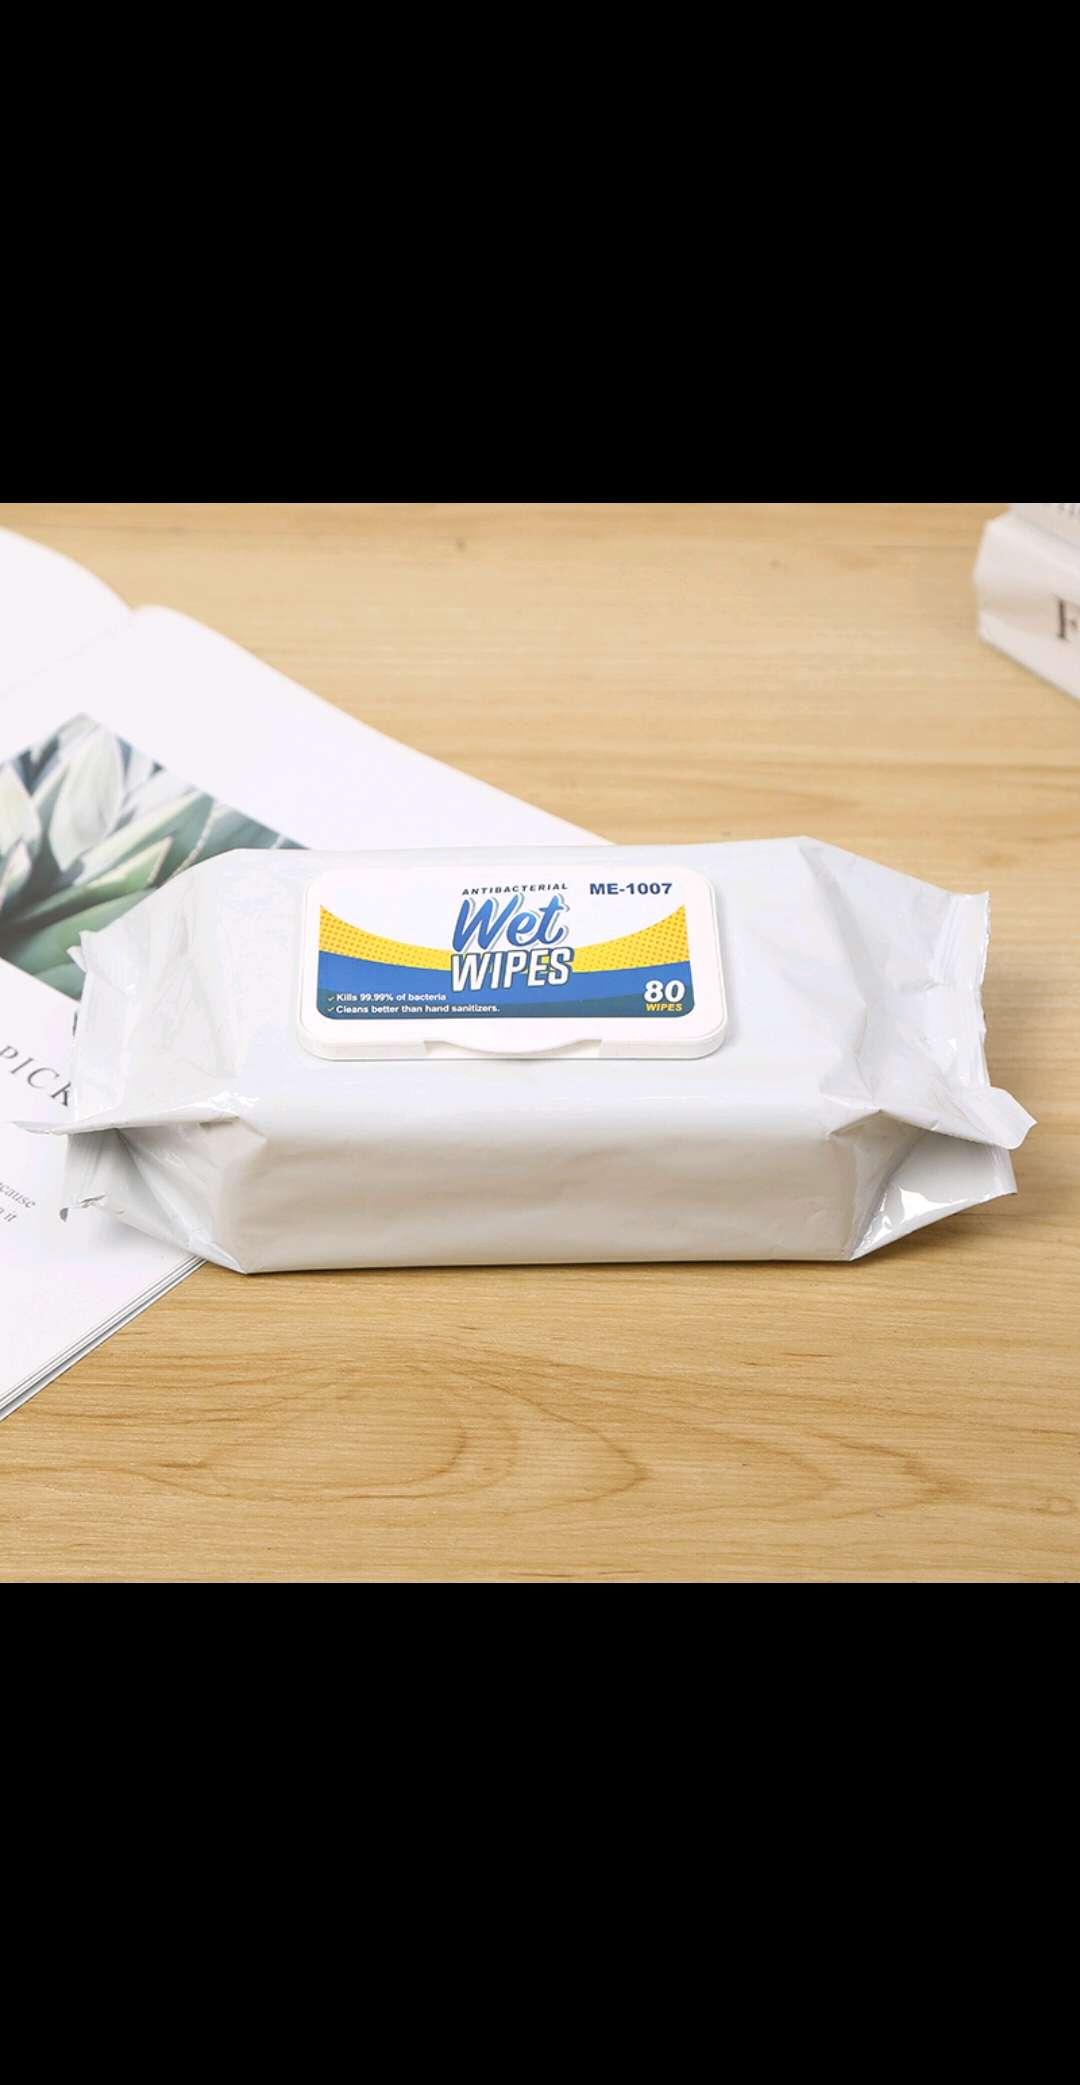 99.99%抗菌湿巾,一次性无纺布湿巾,80片带盖湿巾 湿巾,无纺布湿巾